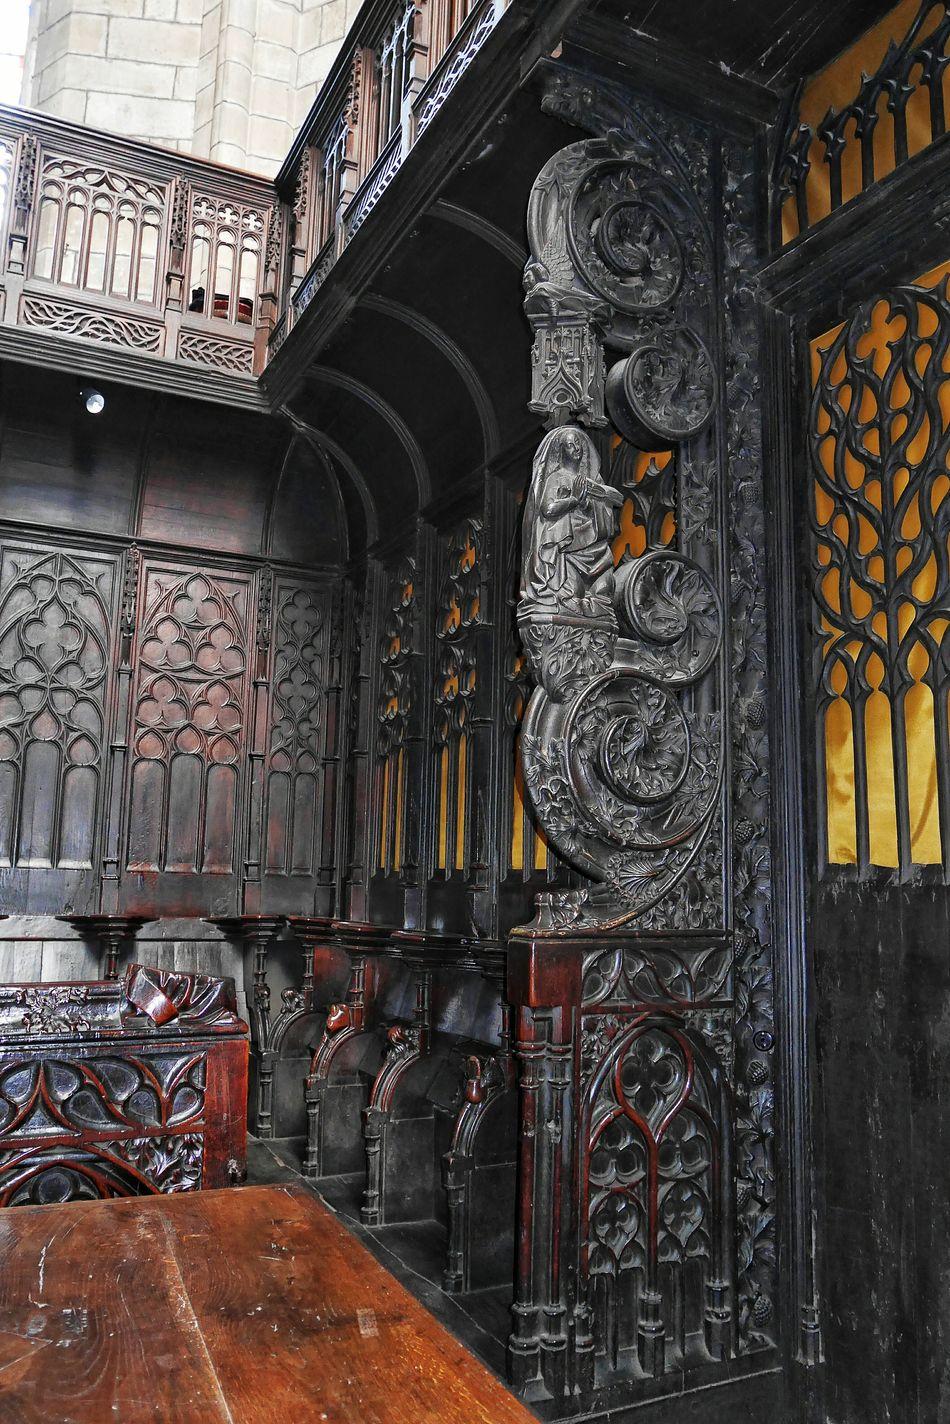 Choeur de la Collégiale Notre-Dame de Villefranche De Rouergue Architecture Built Structure Indoors  No People Church Churchporn France Religion Religious Art Religious  Sculpture Wood - Material